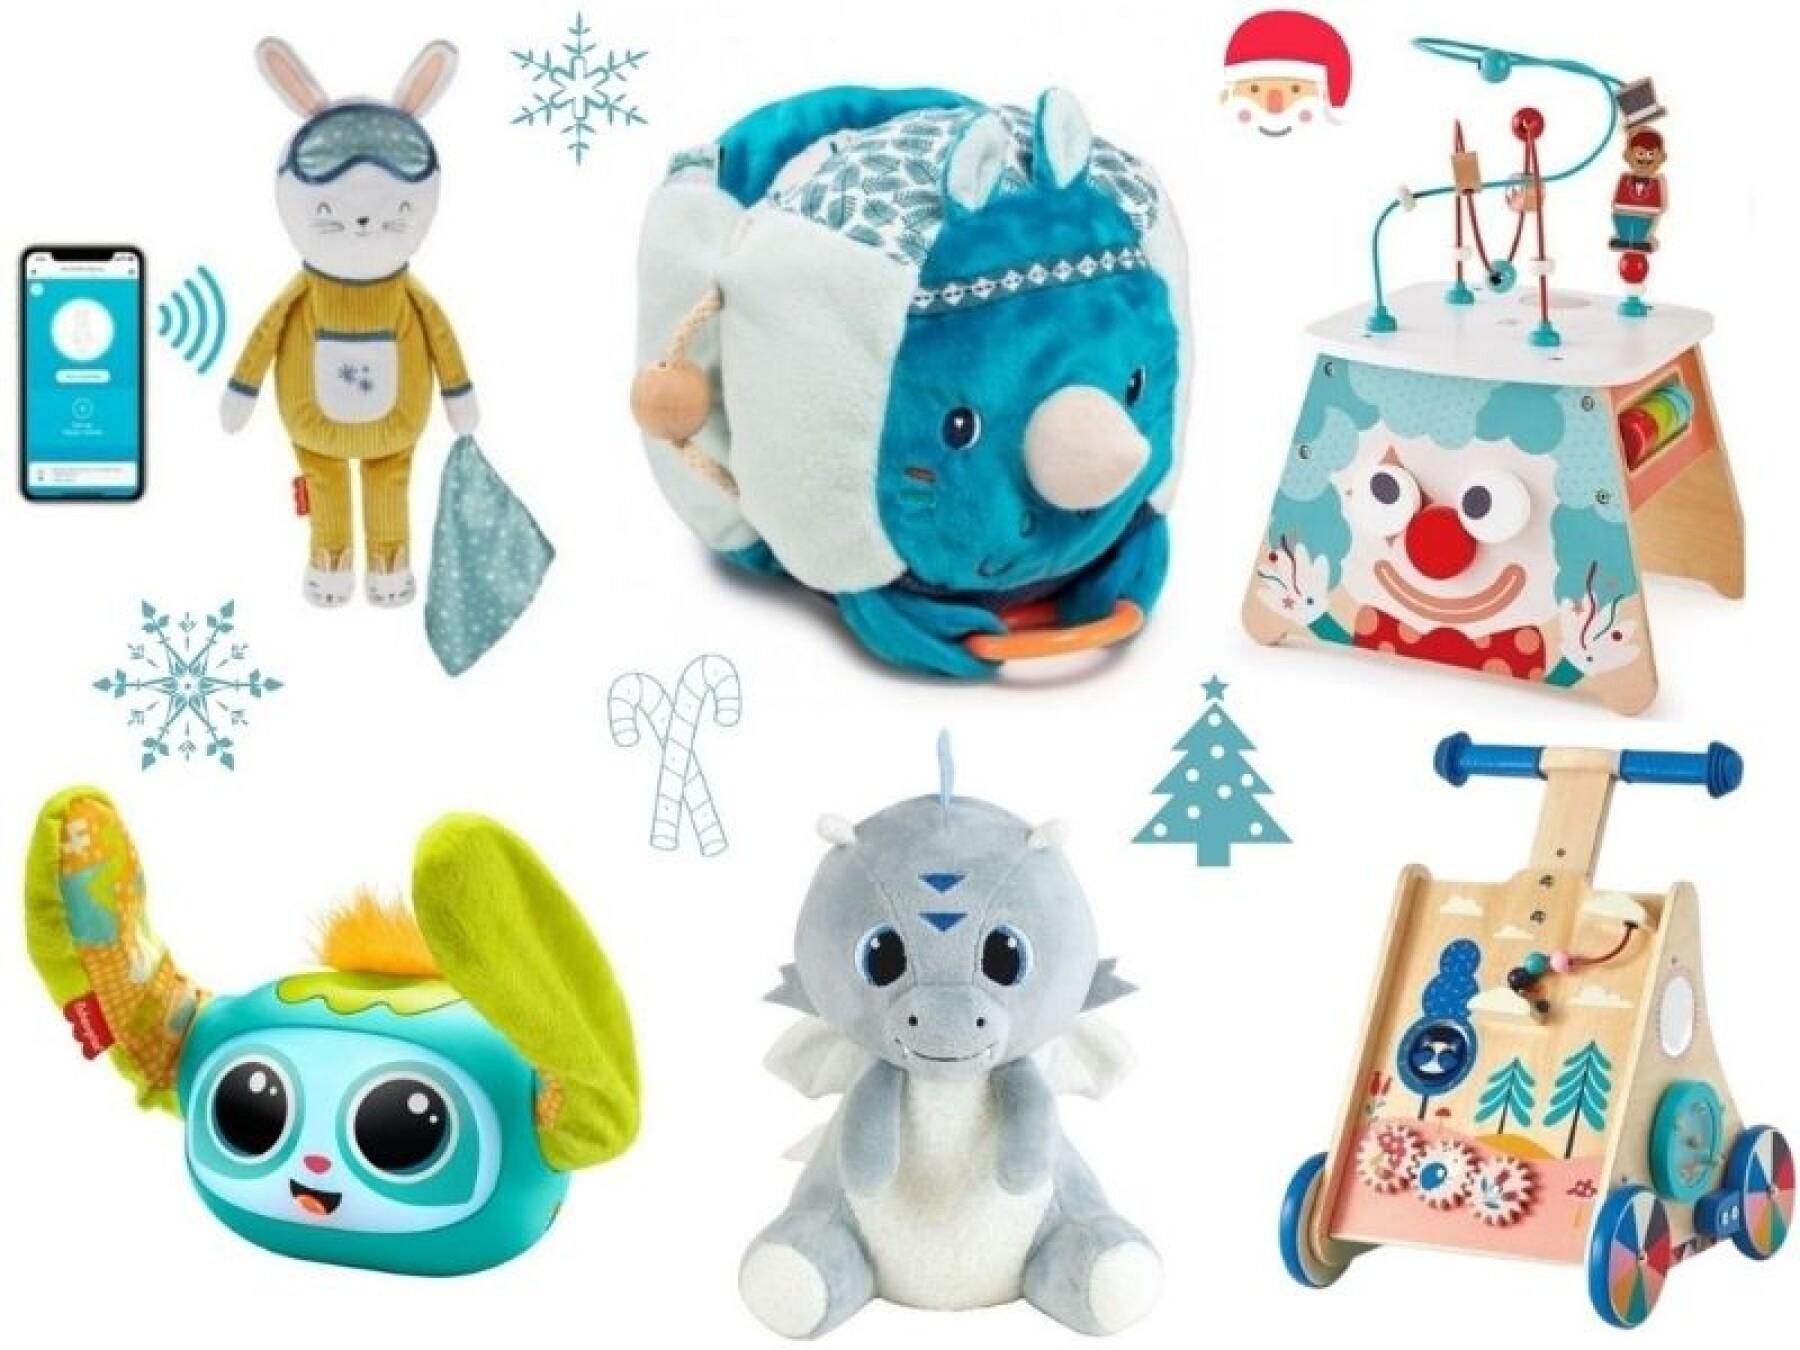 jouets Noël 2020